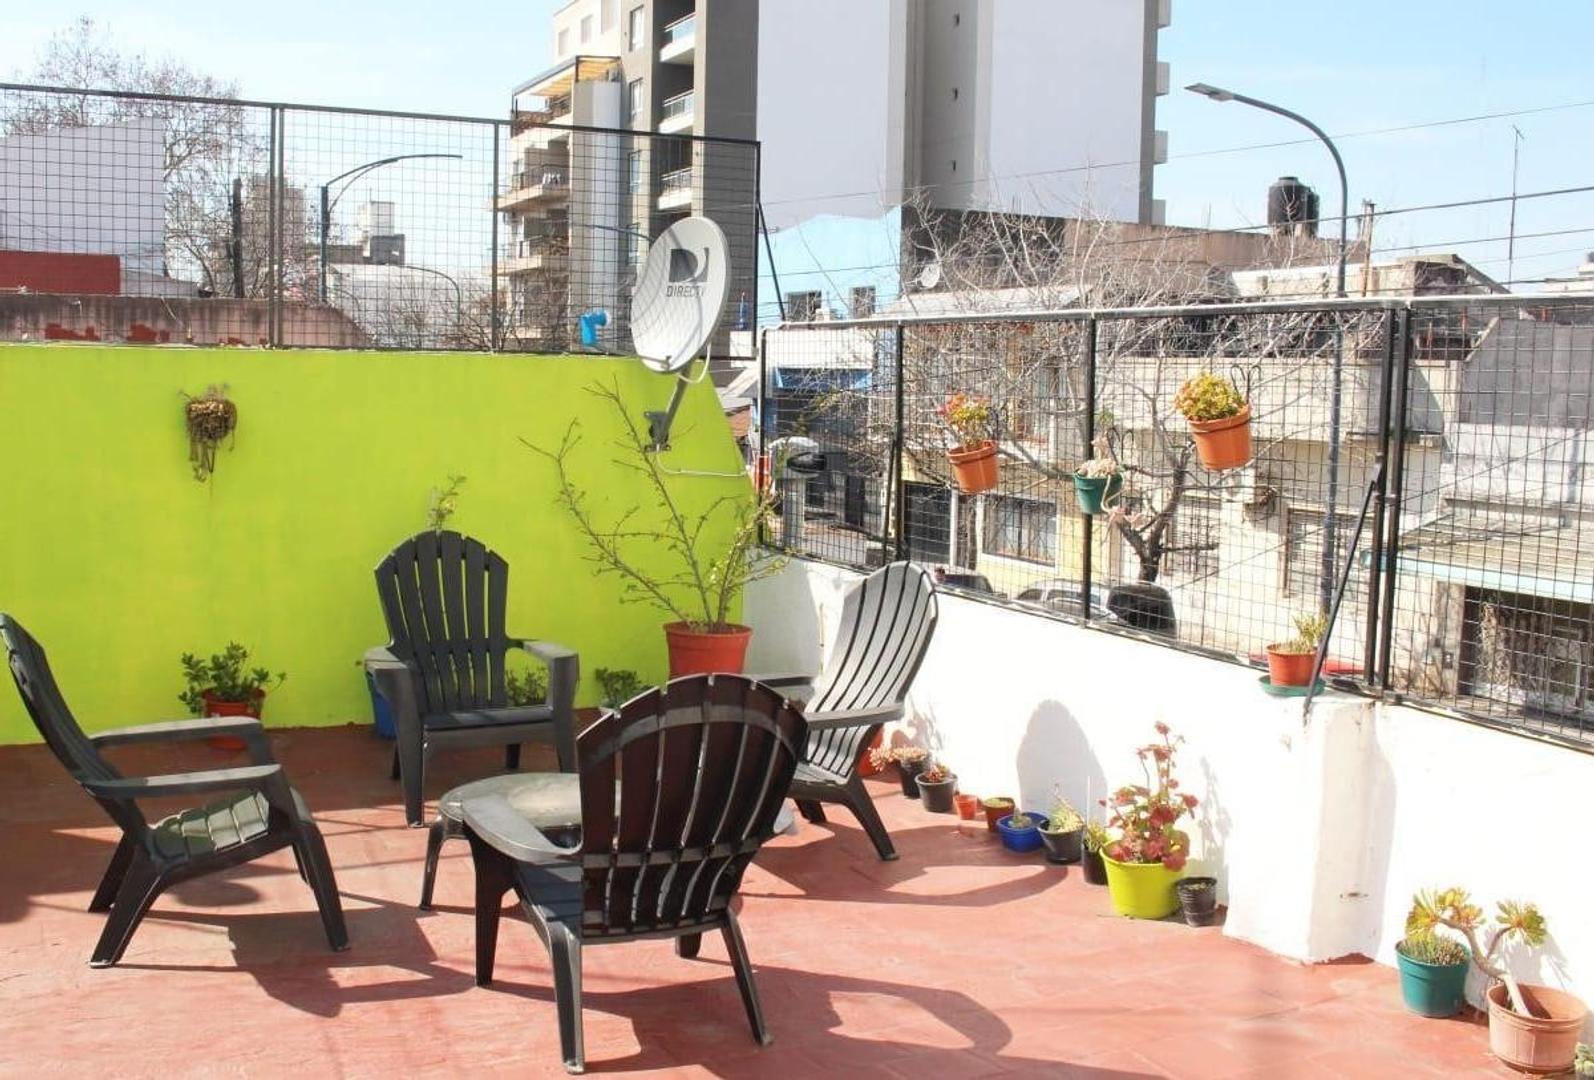 Ph en Venta en Villa Devoto - 3 ambientes